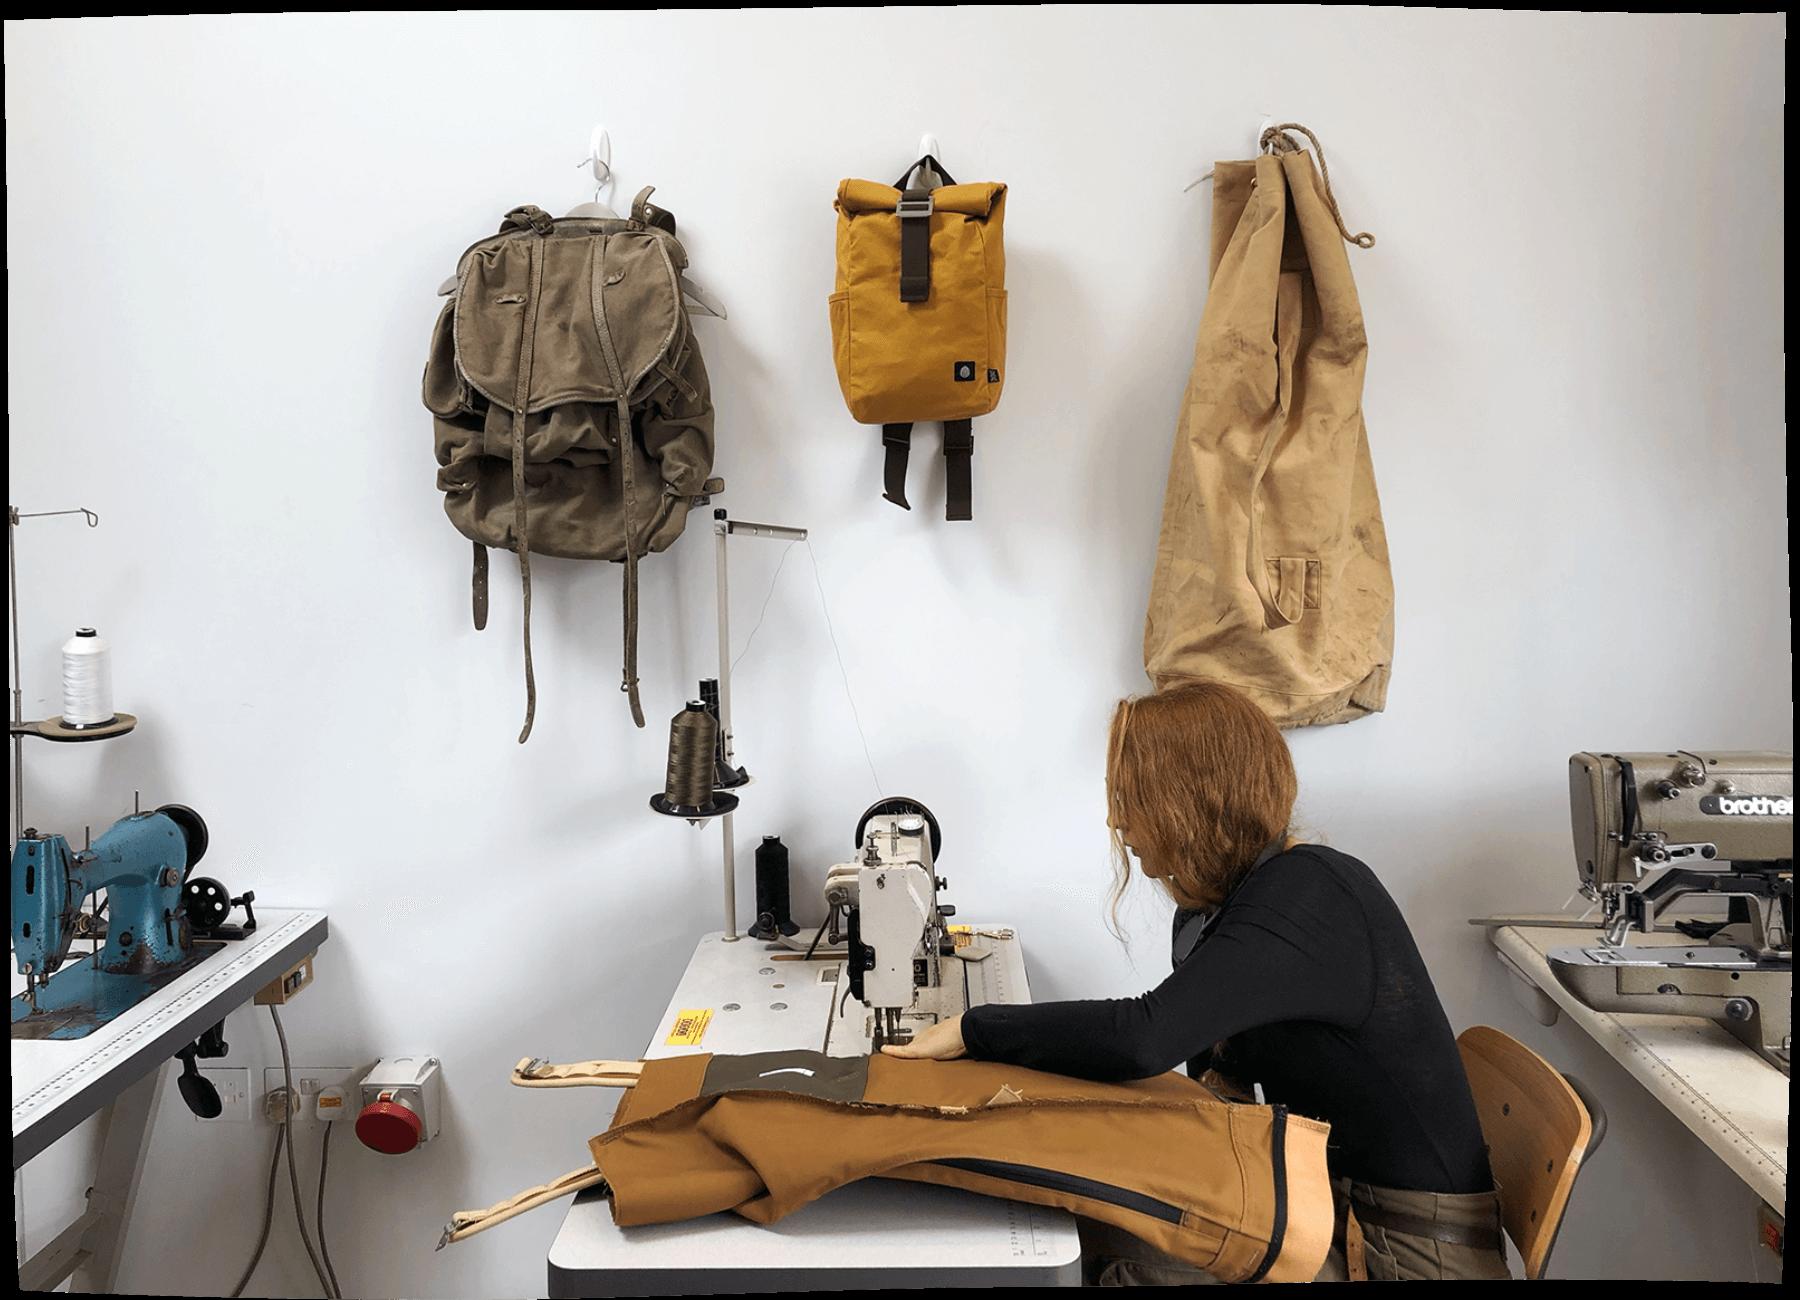 Handmade-in-Cornwall-studio-sketchbook.png